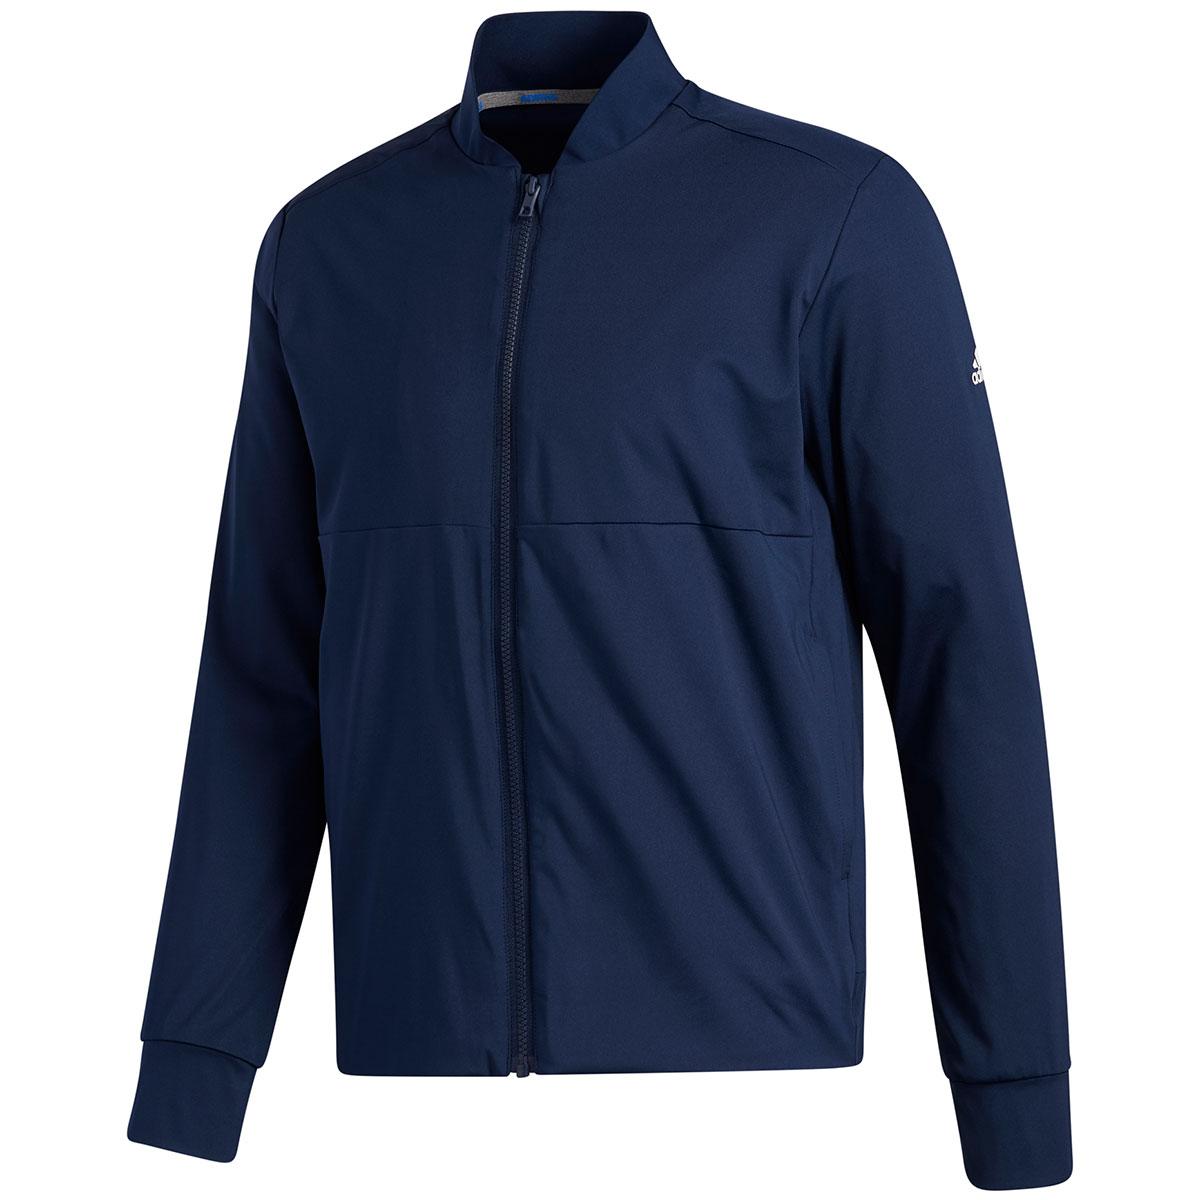 ダブルレイヤー ストレッチ長袖ジャケット